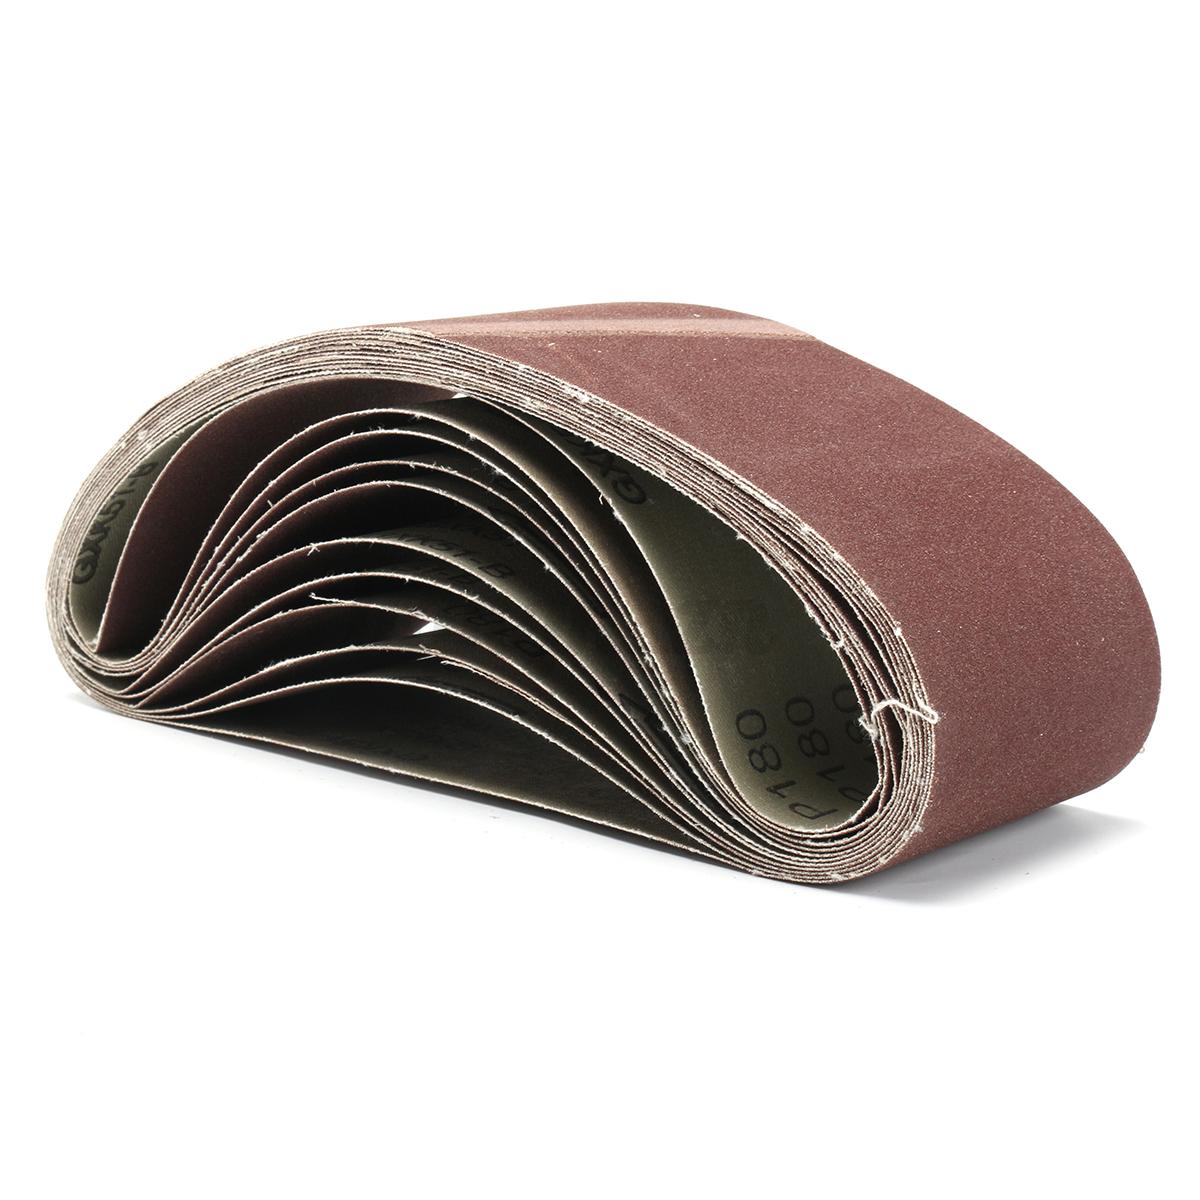 11pc pon age bande abrasive ponceuse papier de verre polissage g 180 240 320 800 ebay. Black Bedroom Furniture Sets. Home Design Ideas